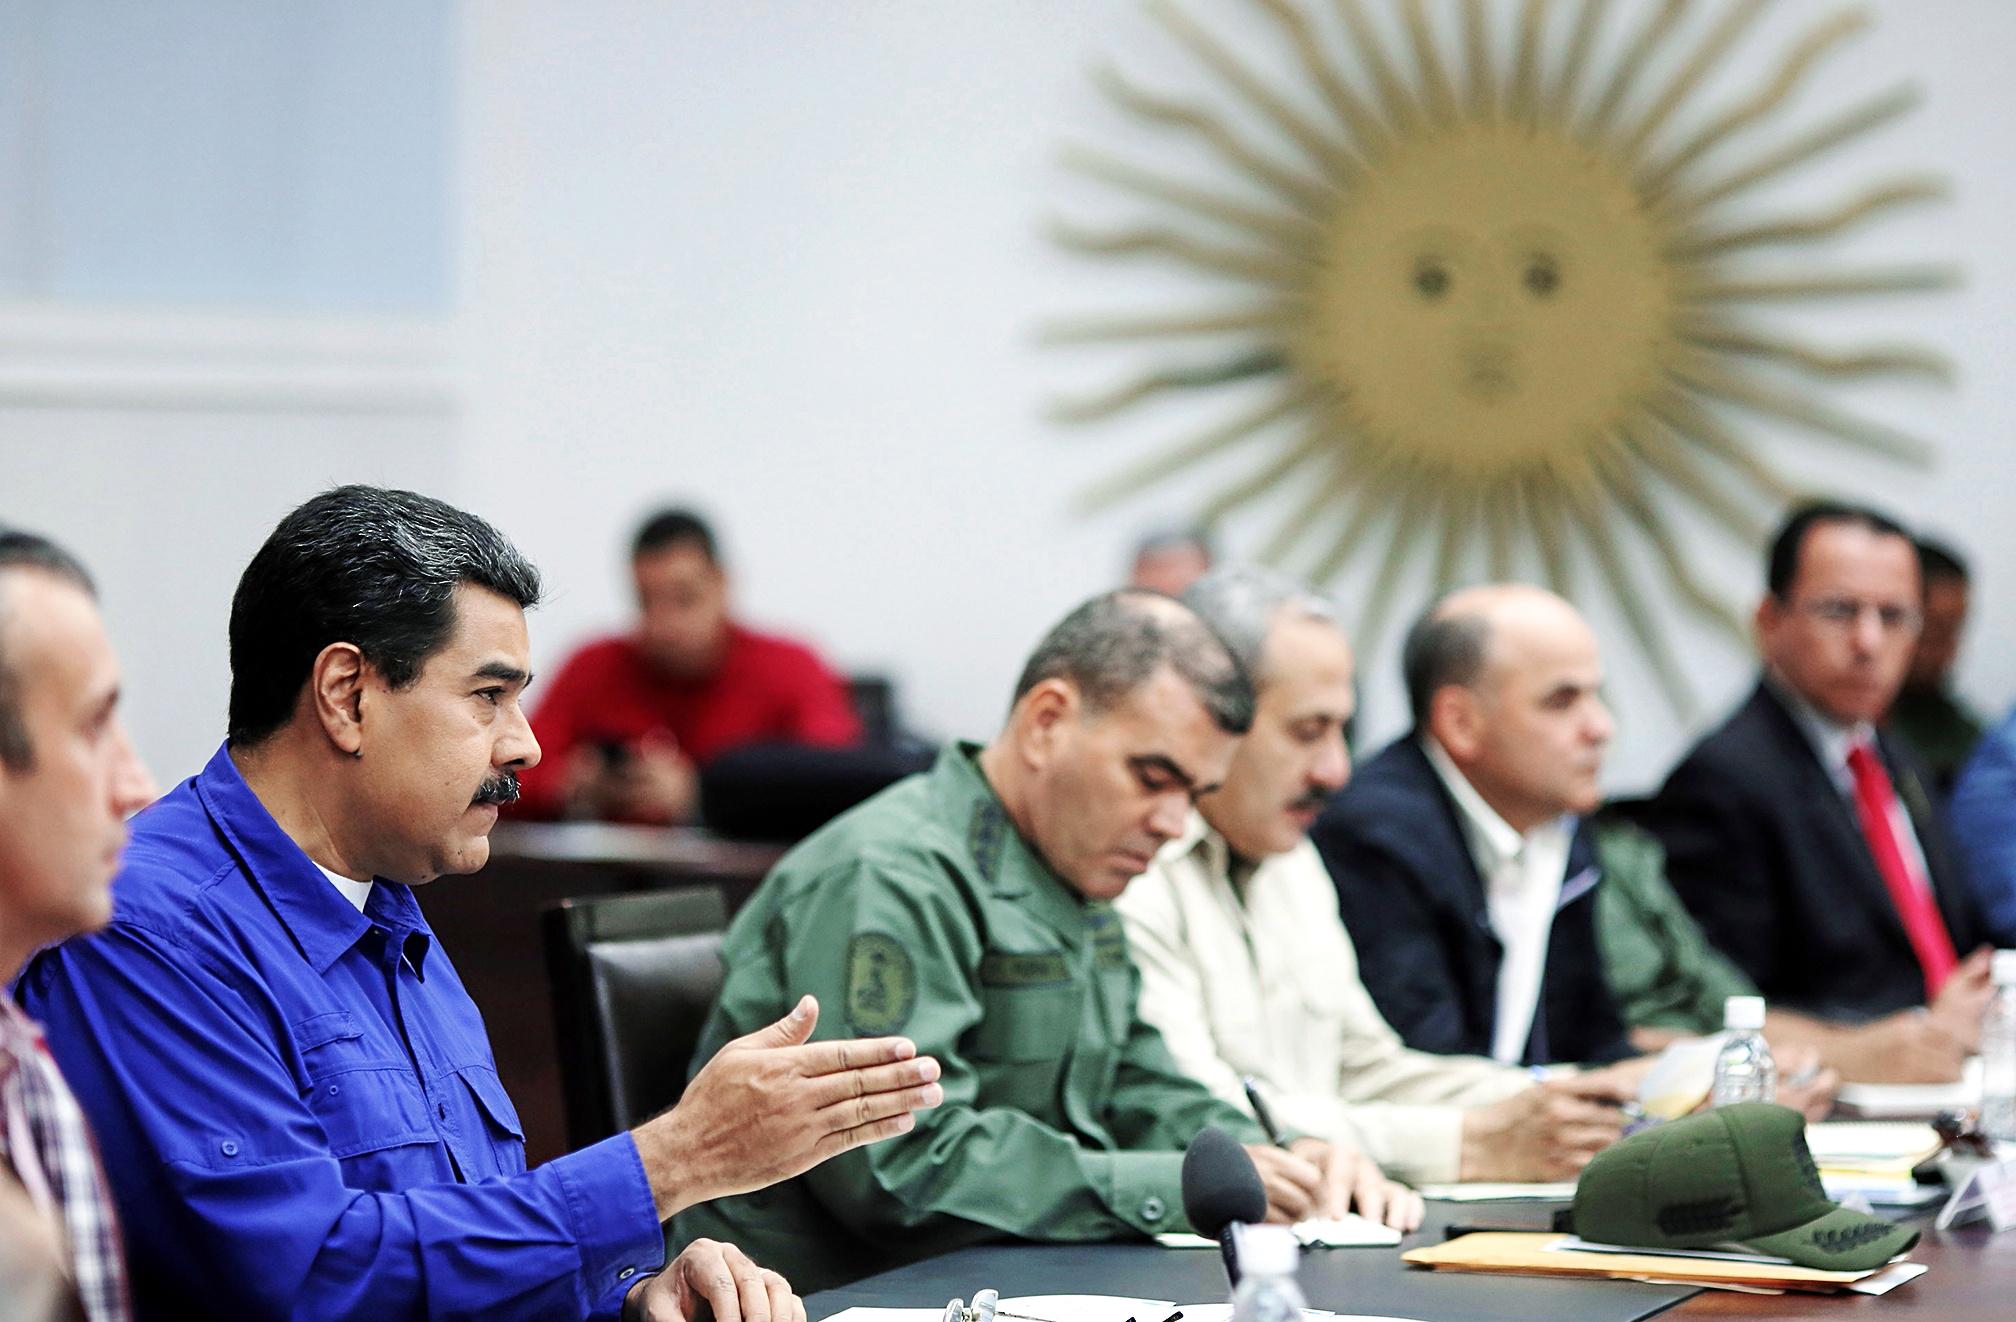 El presidente Maduro durante una reunión con sus ministros en Miraflores.